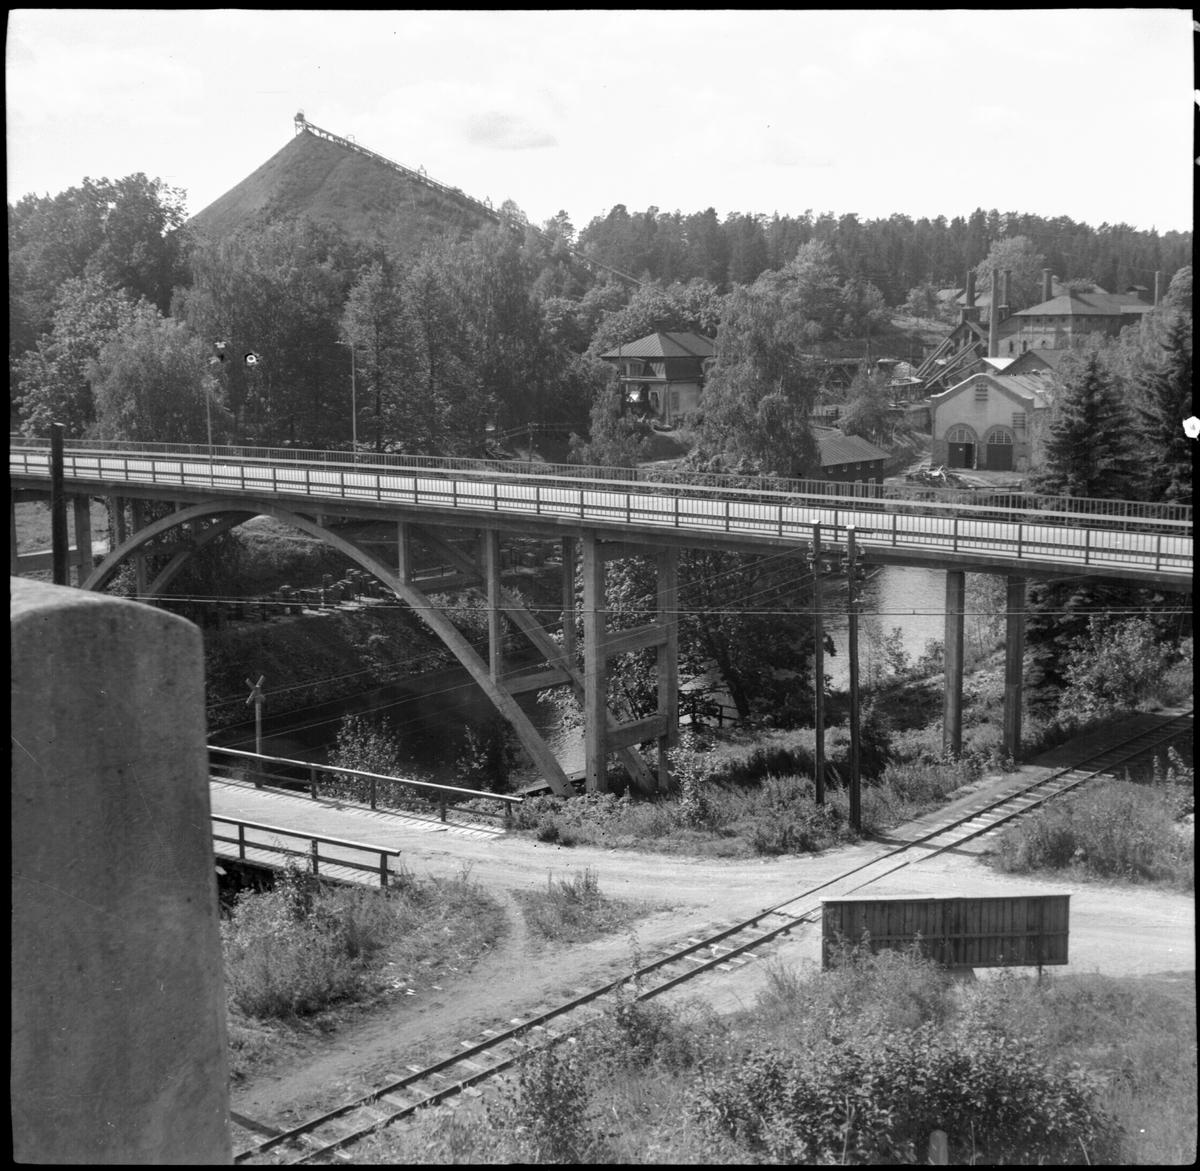 I förgrunden syns landsvägsbron, som byggdes 1934. I bakgrunden slagghögen och delar av järnbruket.